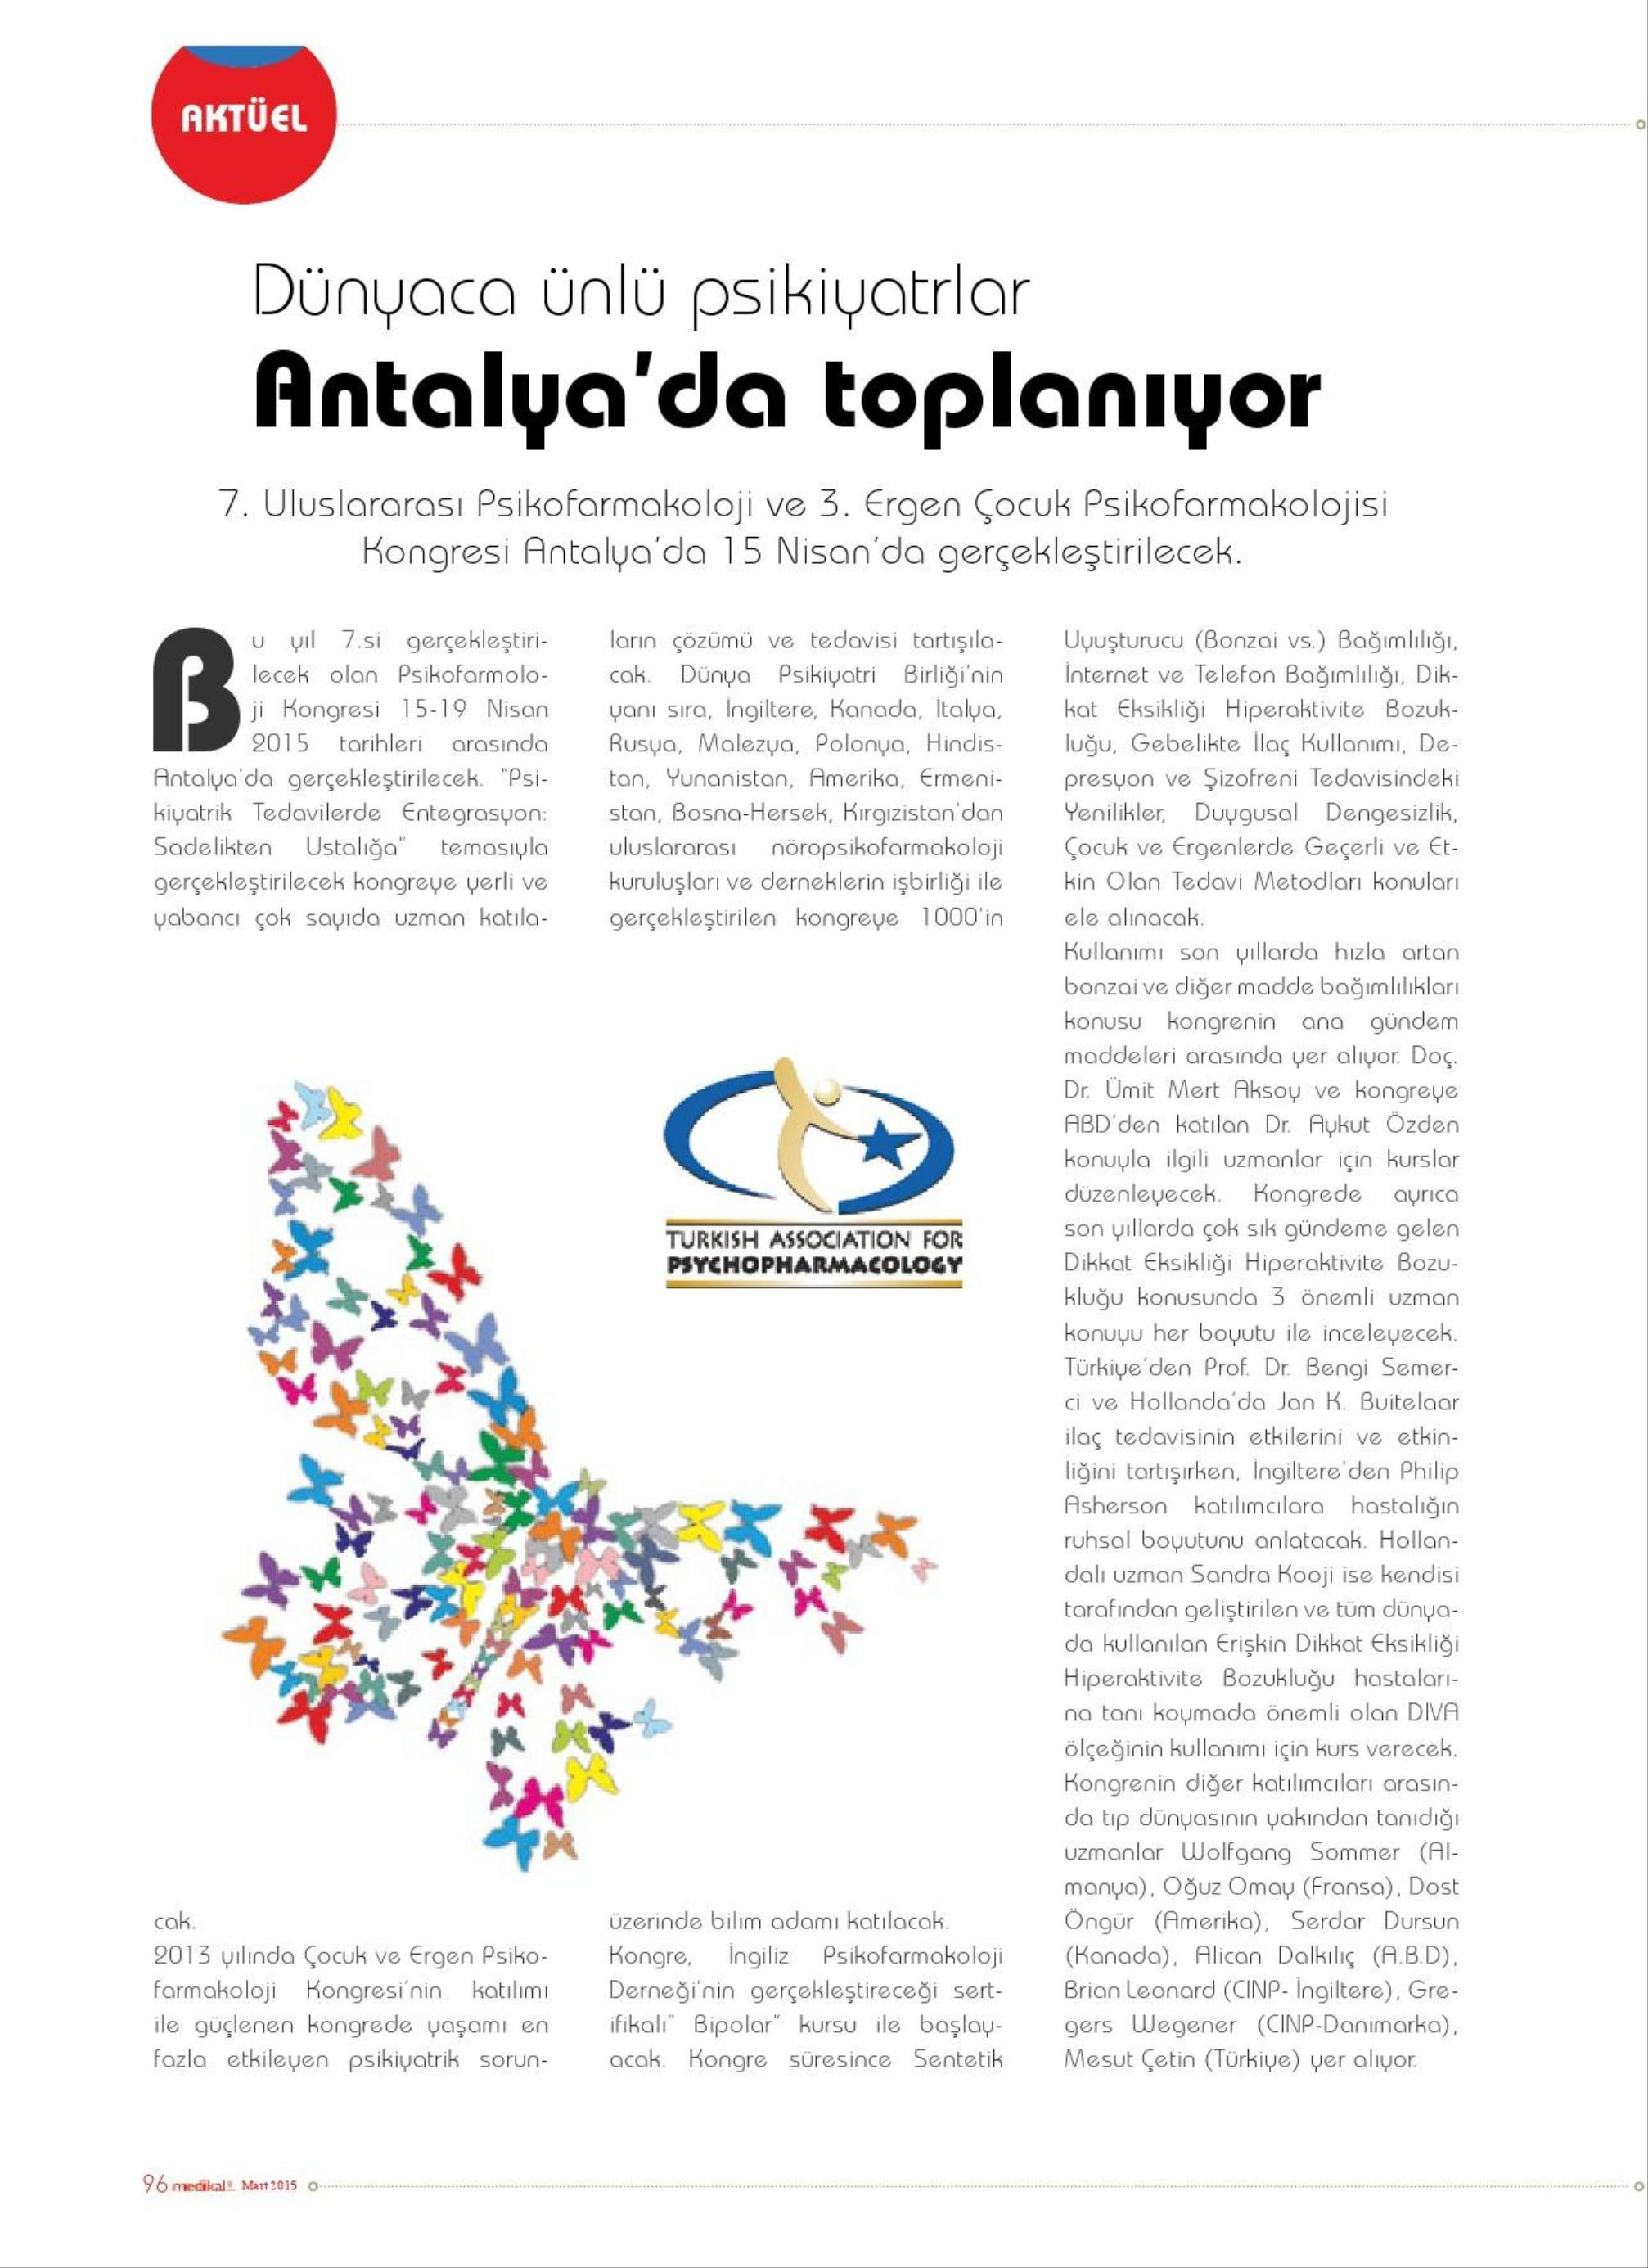 Dünyaca Ünlü Psikiyatrlar Antalya'da Toplanıyor - MEDİKAL & TEKNİK 01.03.2015